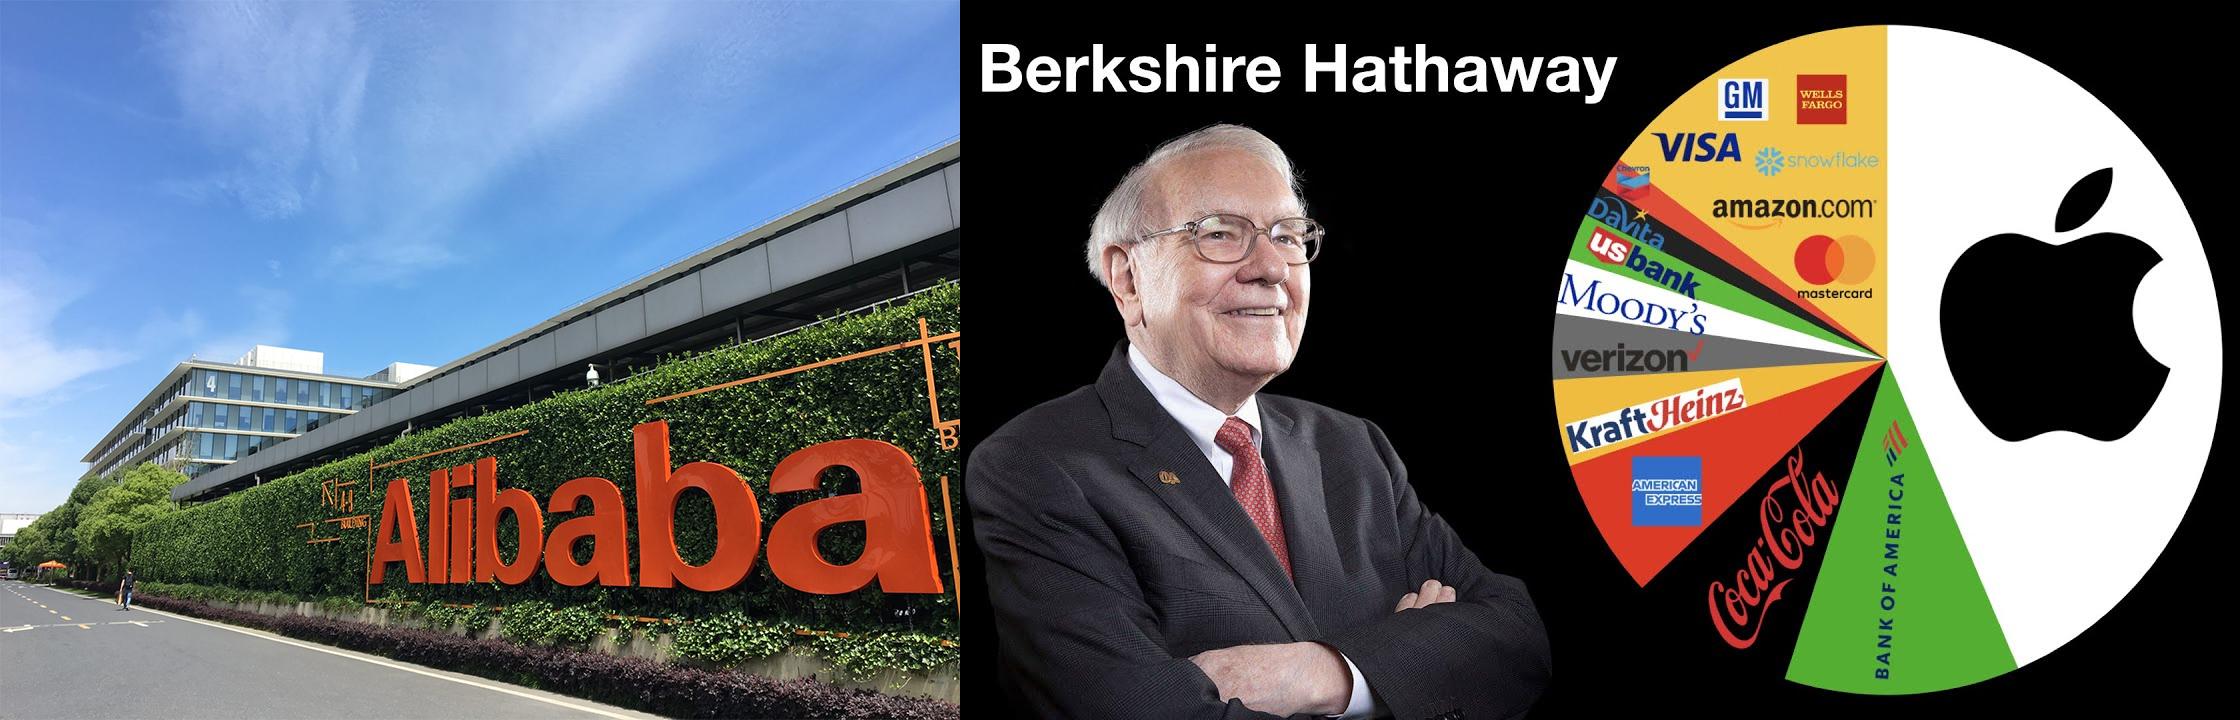 分享買入港股阿里 (9988)及賣出美股Berkshire Hathaway Inc(BRK.B)的原因。